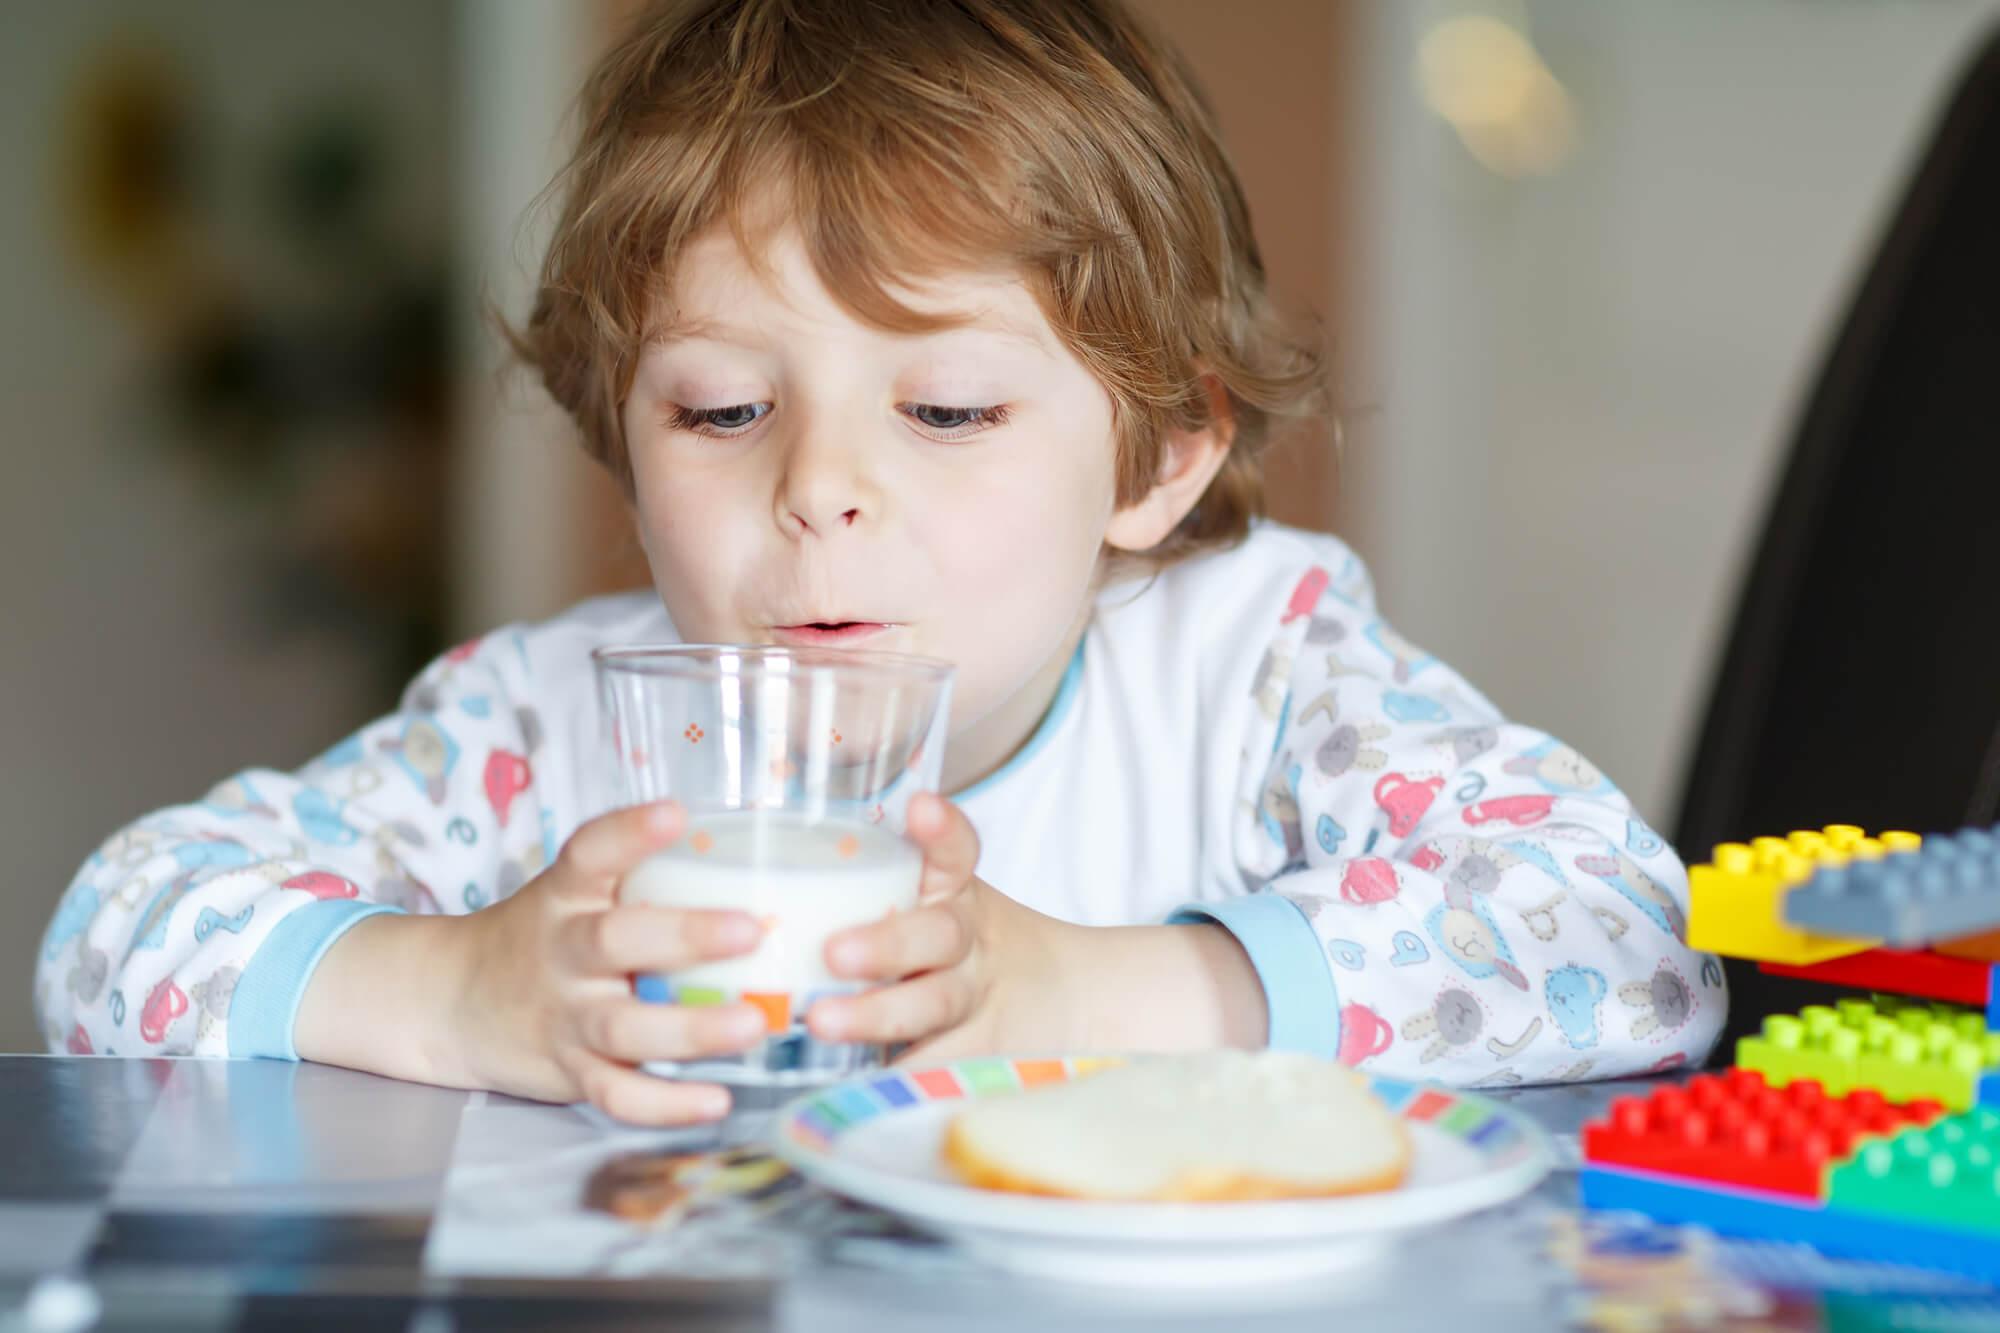 子供の身長が伸びる!?プロテインで成長期の骨や筋肉の成長をサポートする